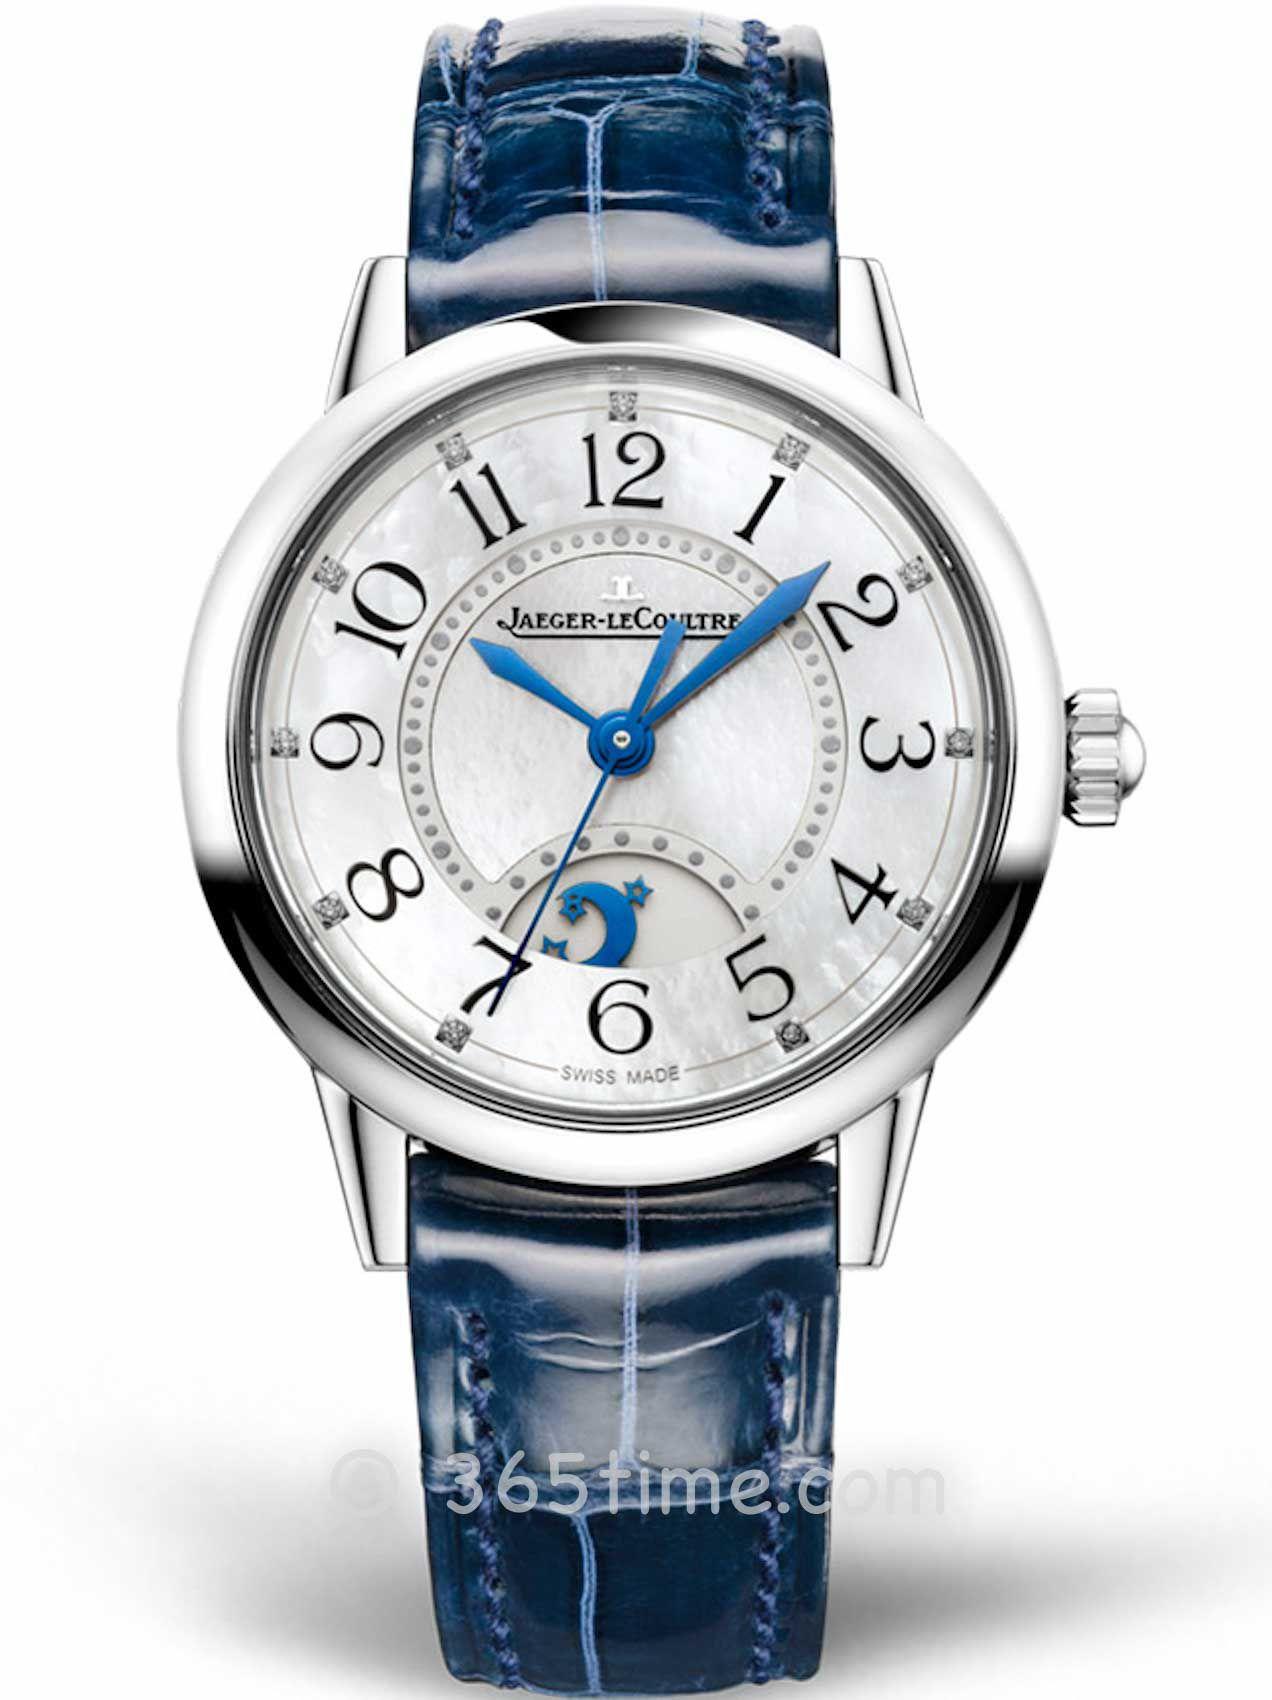 积家约会系列日夜显示腕表(小型款)3468410